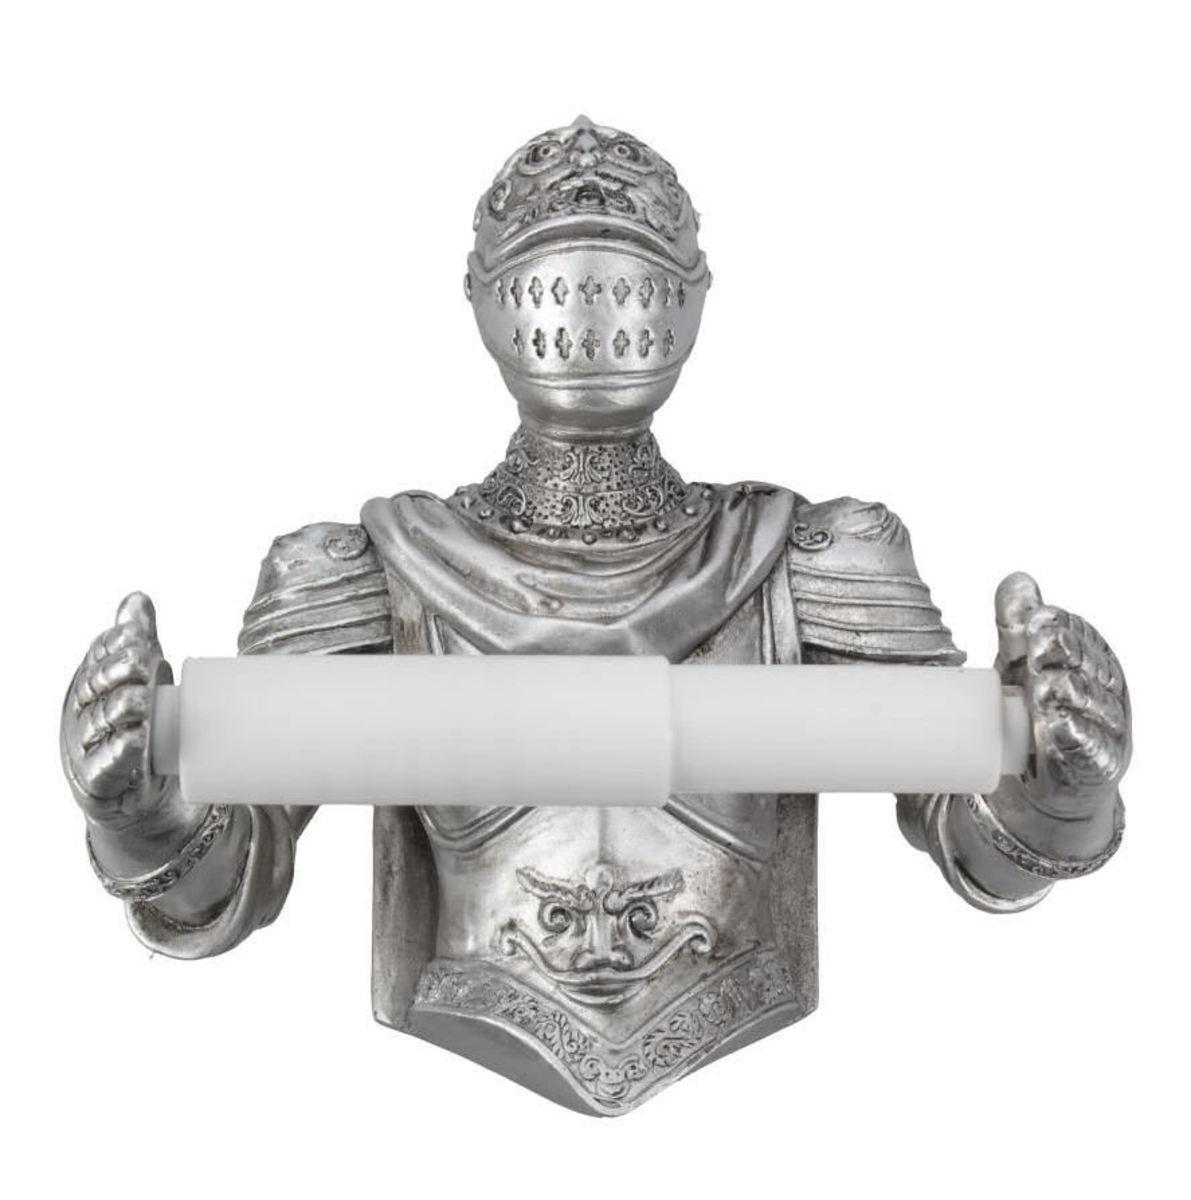 držiak na toaletné papier Brave Knight - U4173M8